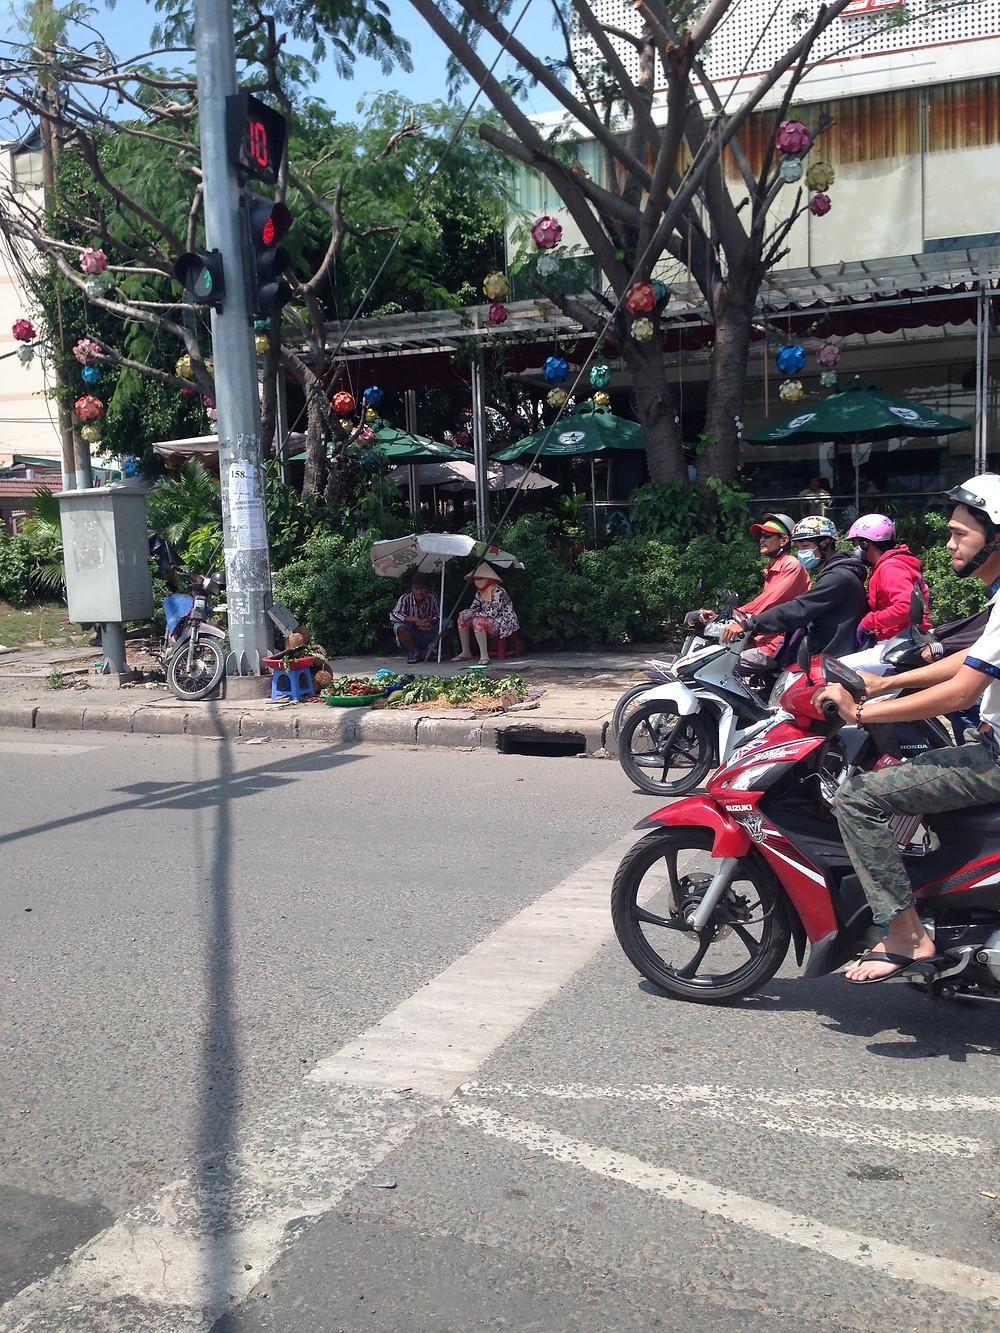 Motorbikes in Saigon's District 7